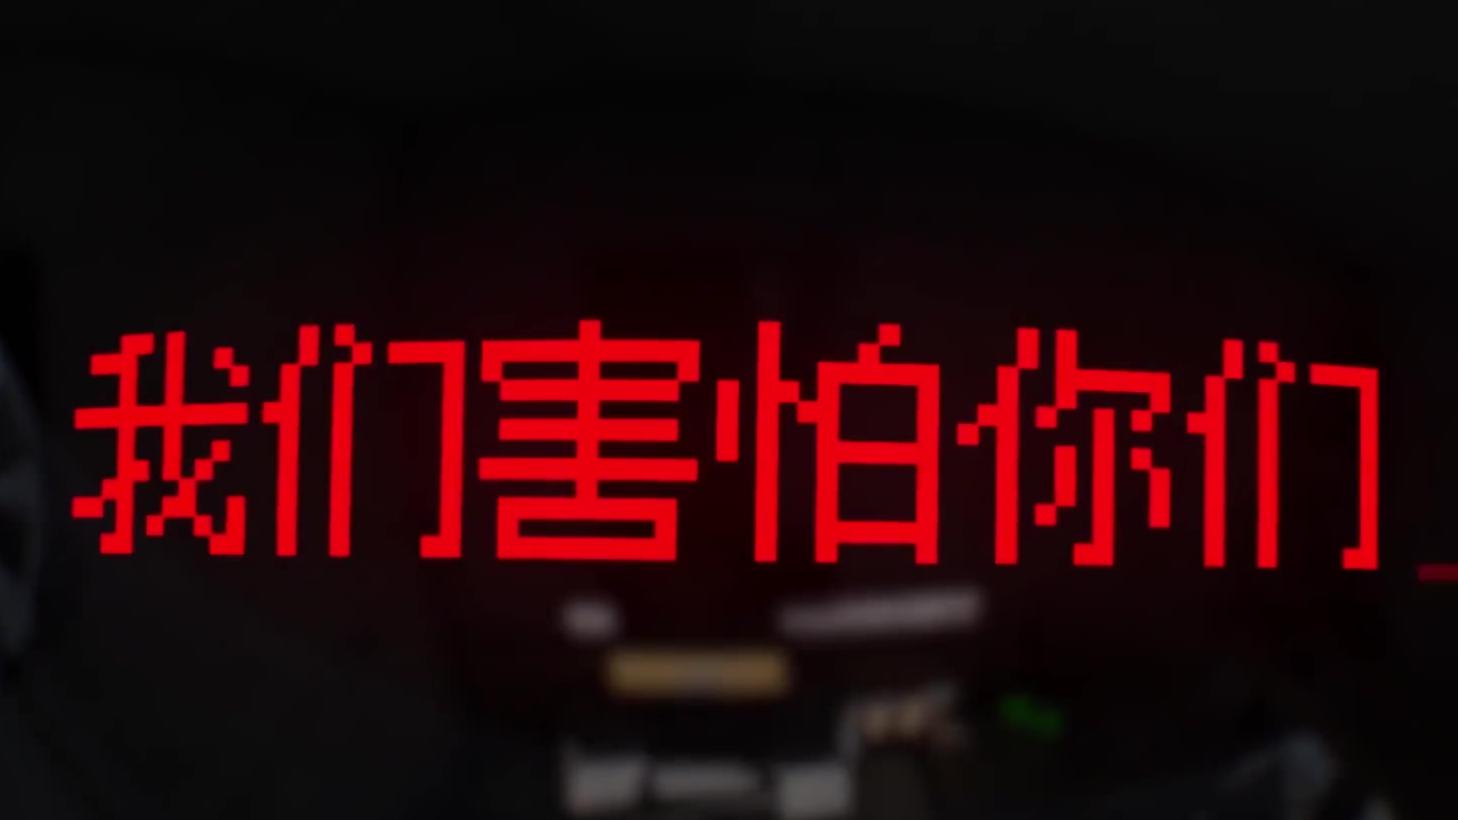 【我的三体 × 天龙八部】当章北海用上了乔峰的音箱